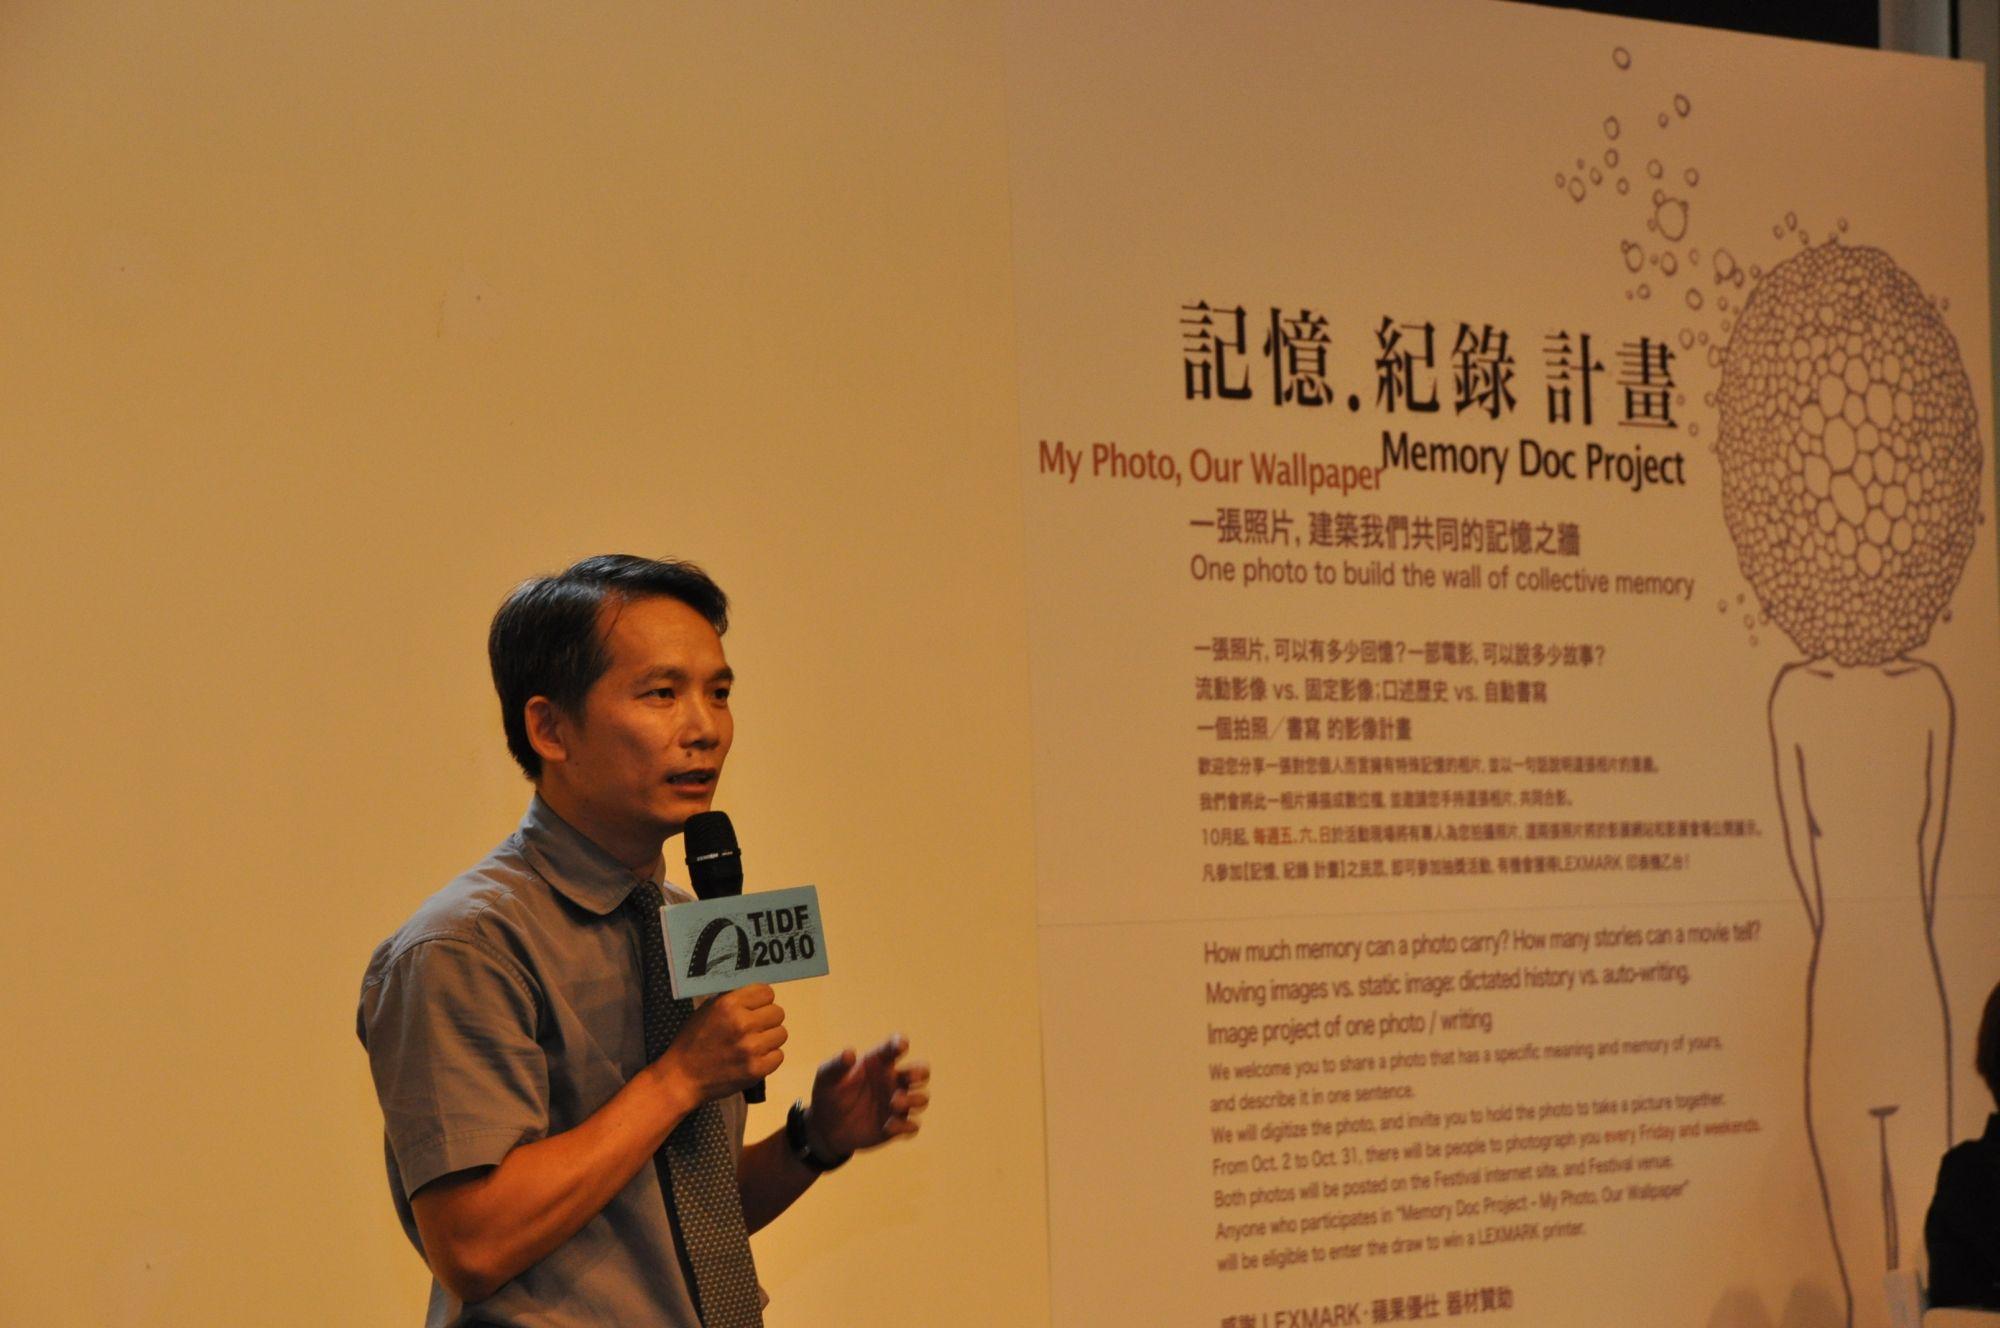 國美館副館長張仁吉鼓勵大家分享一張記憶最深刻的相片.JPG.jpg